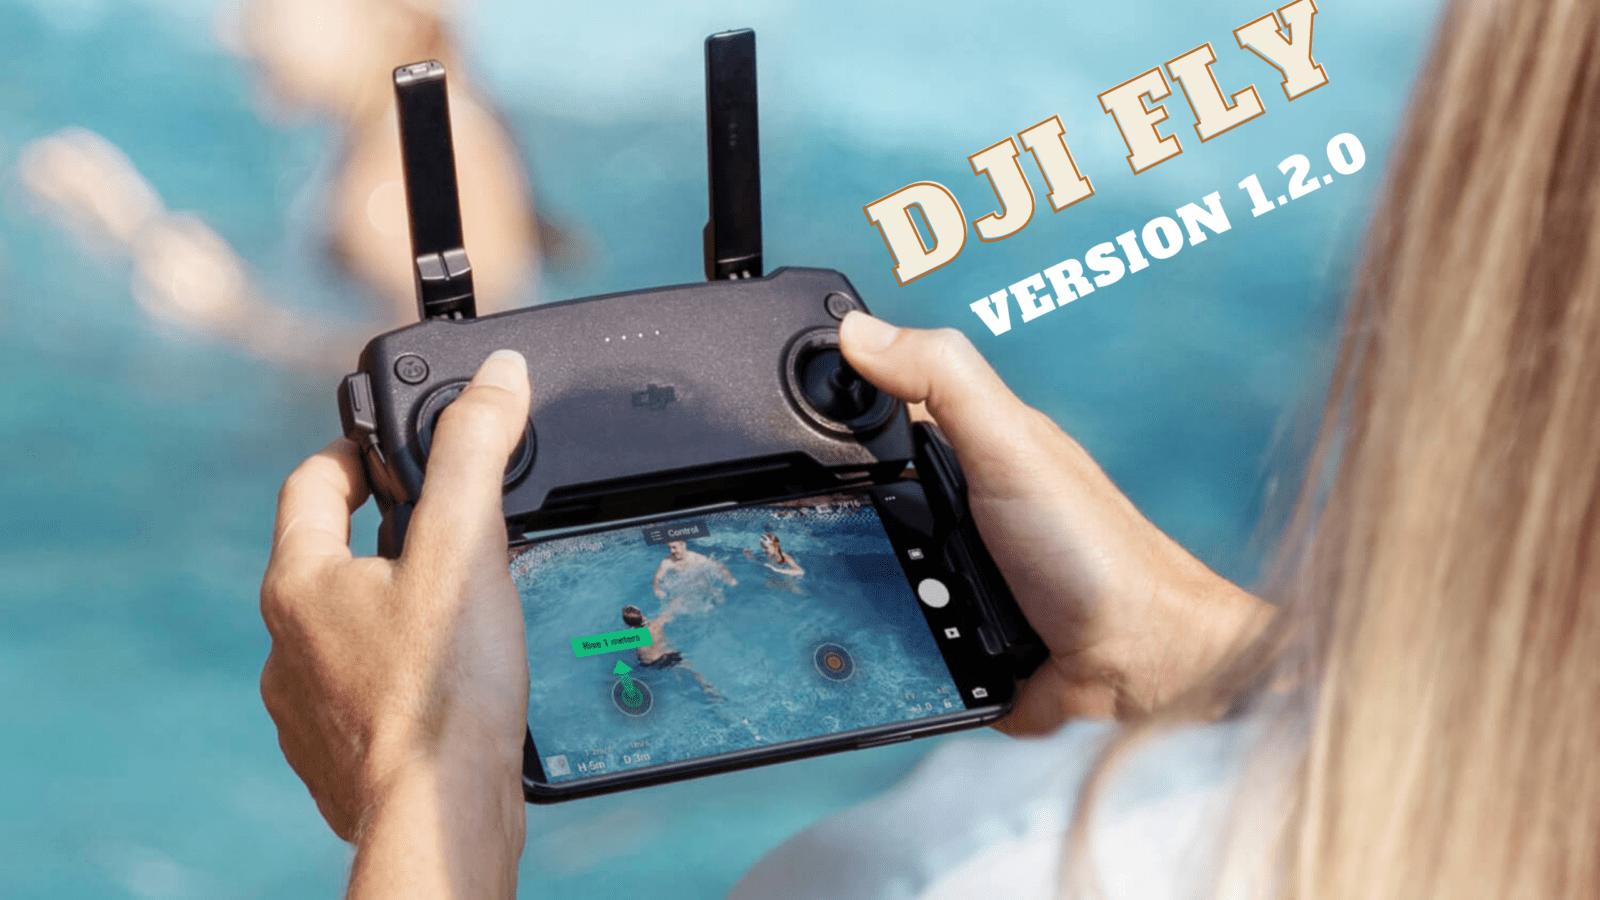 Приложение DJI Fly получило обновление после выхода Mavic Mini 2.